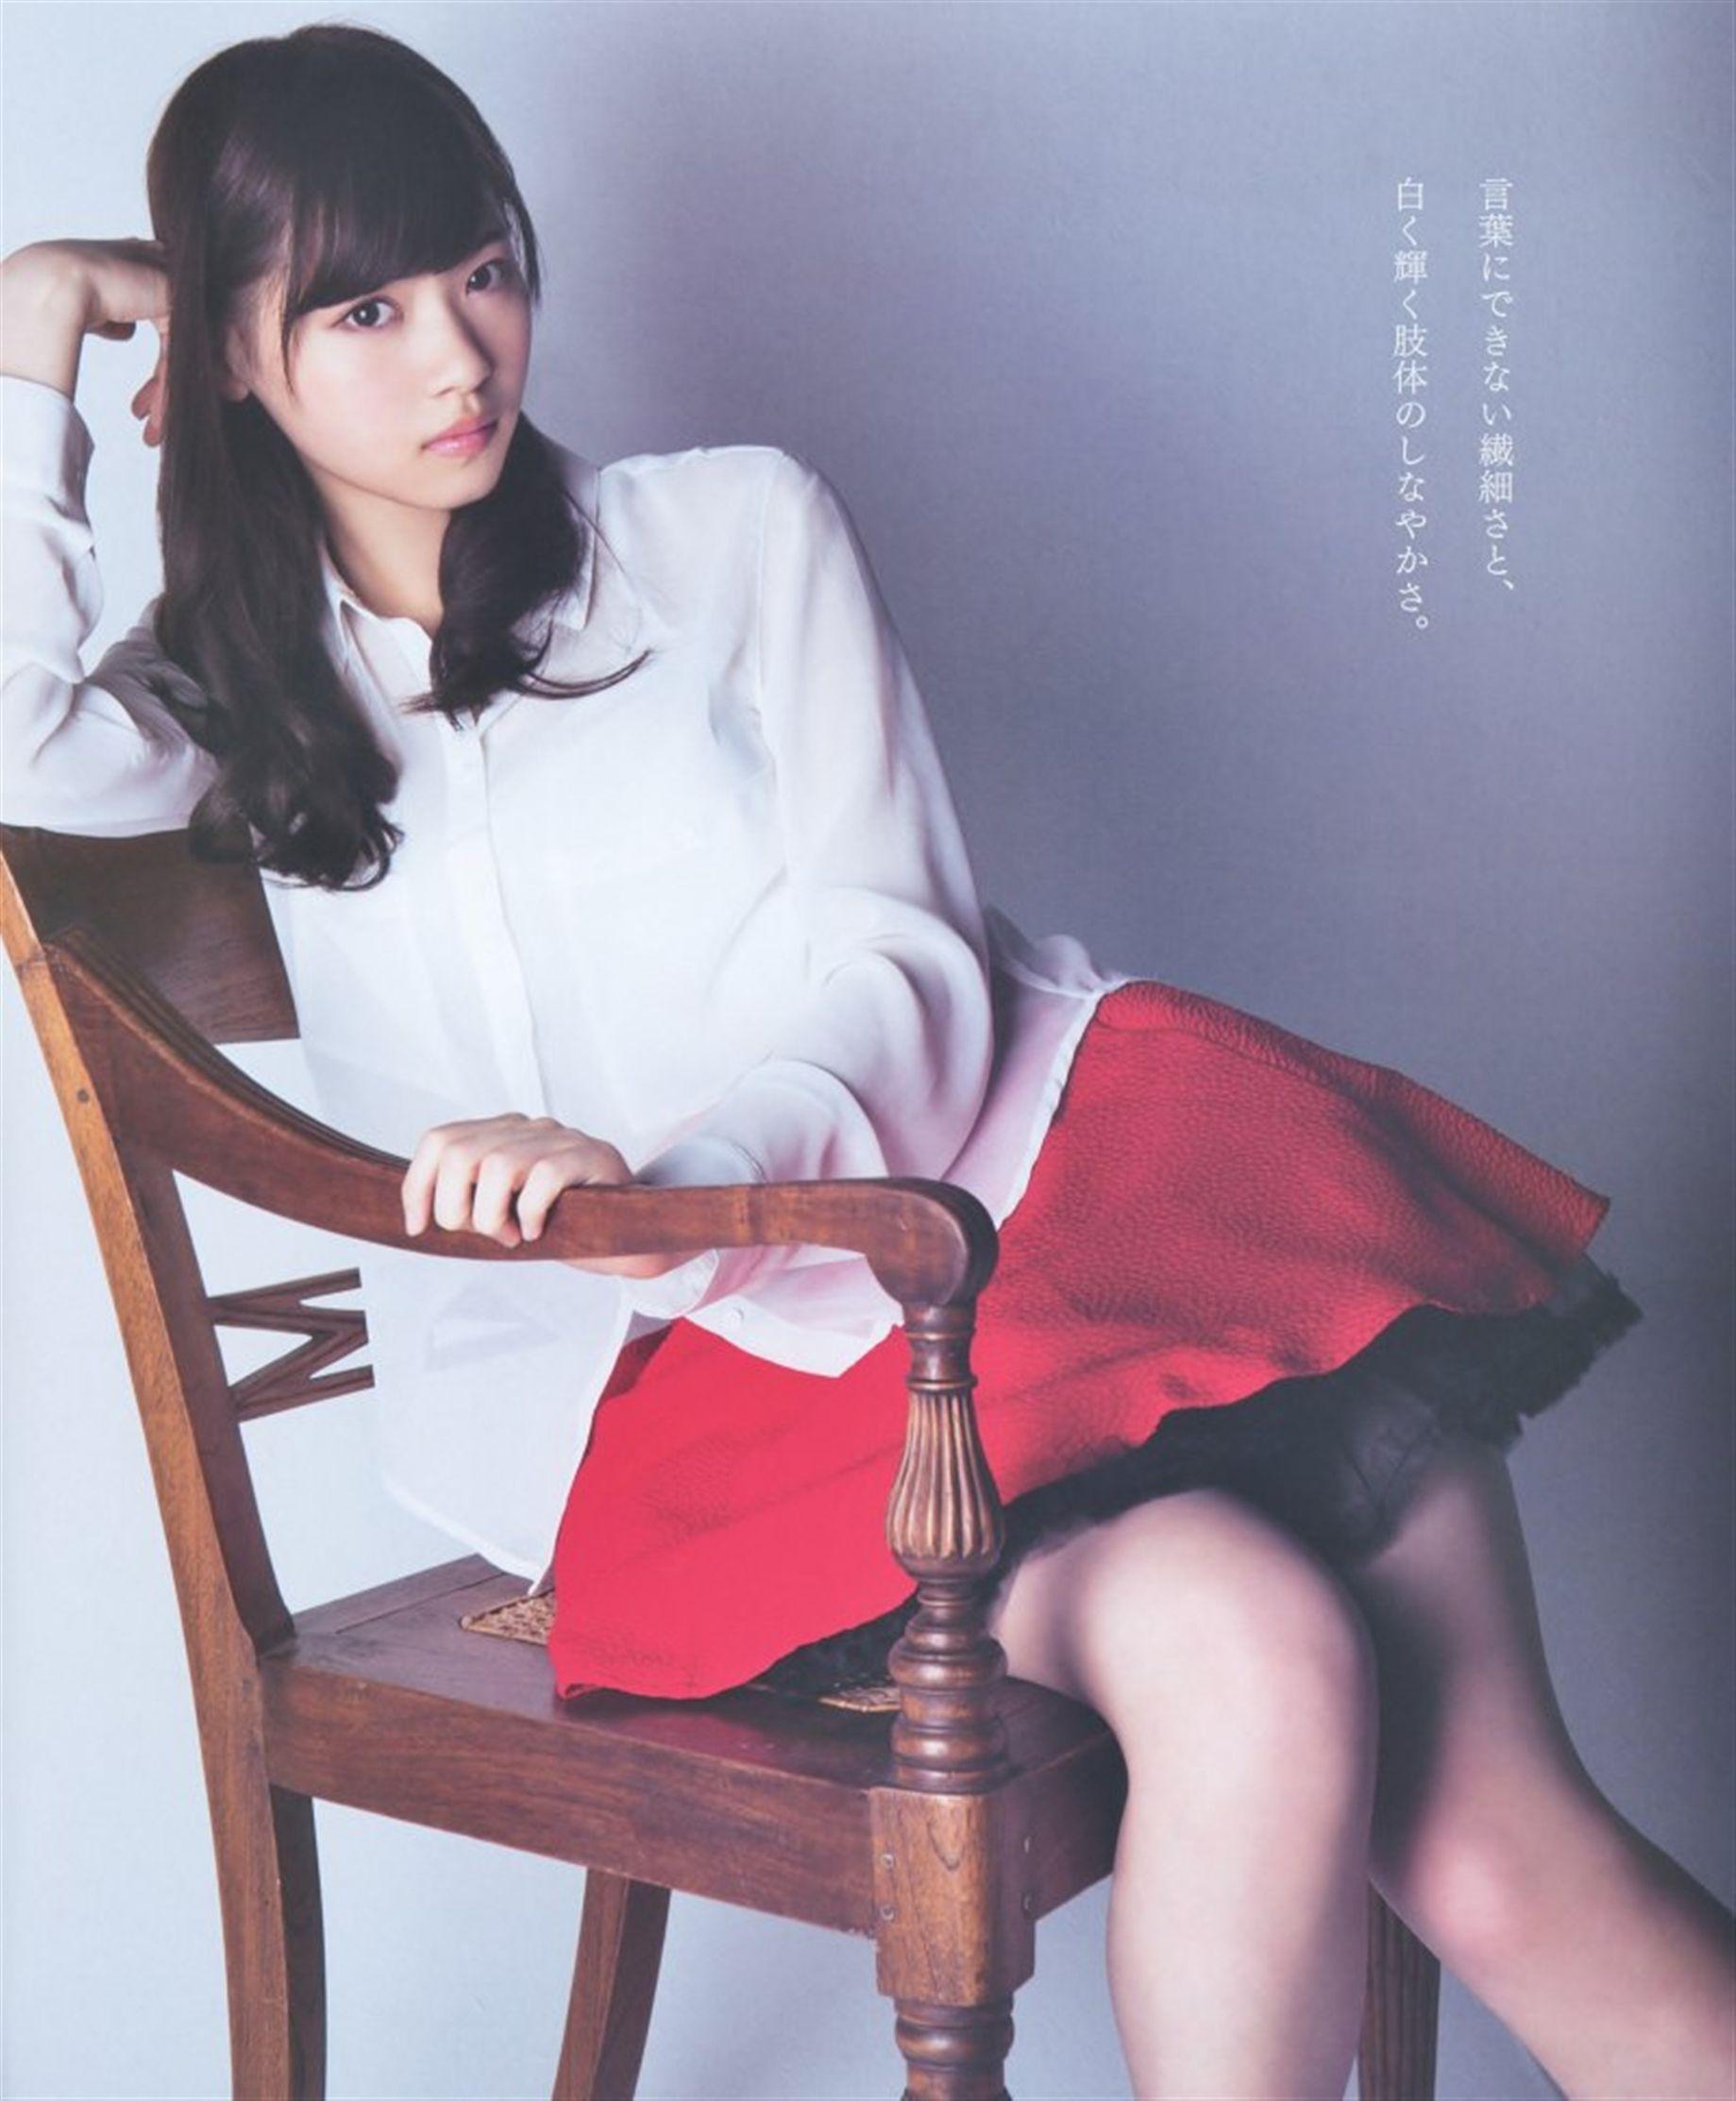 ミニスカート姿の西野七瀬さん